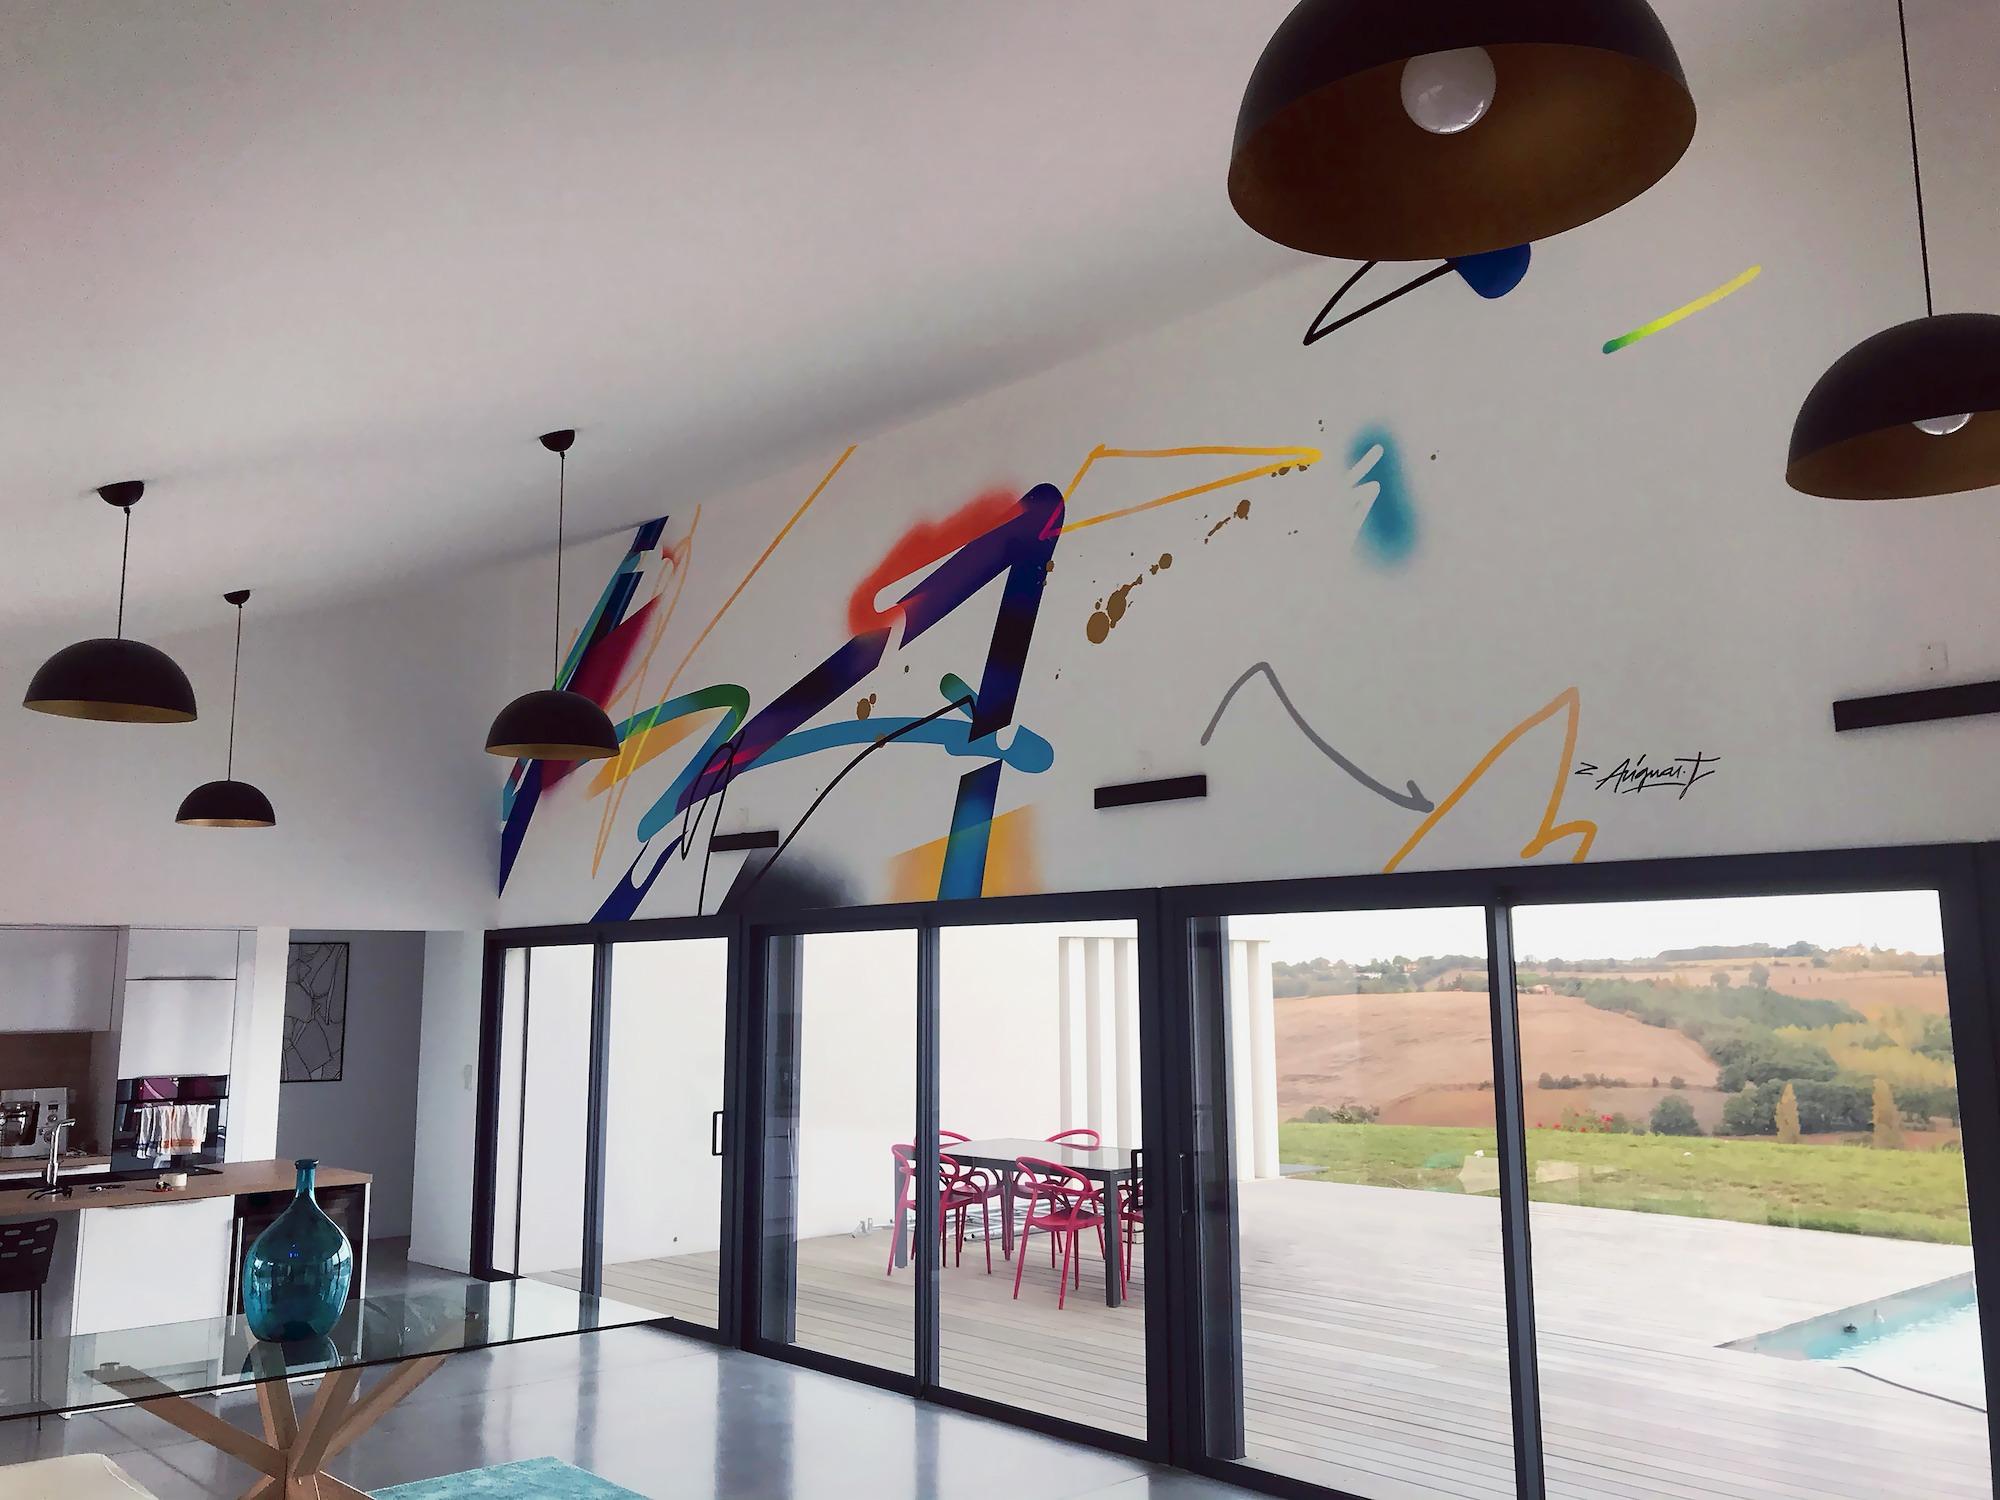 decoration-interieur-abstrait-art-contemporain-graffeur-toulouse